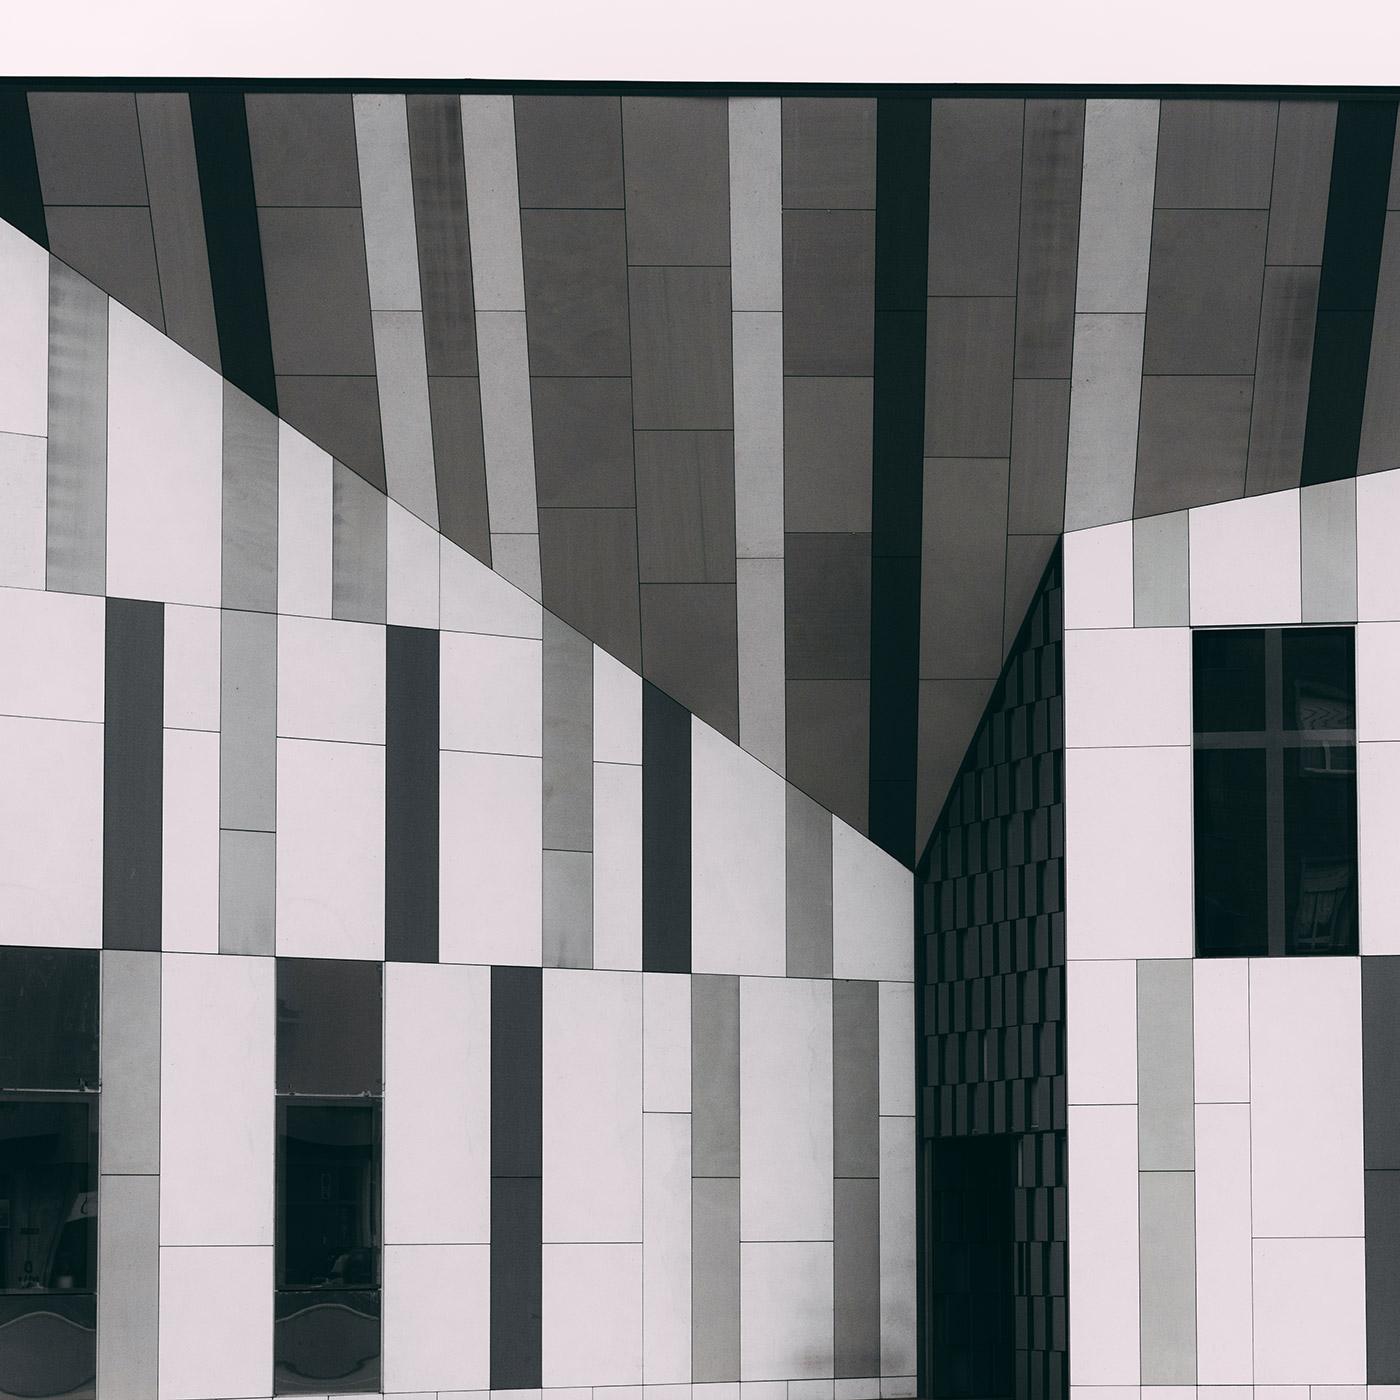 Christ's Resurrection Church <br />Location: Milan, Italy <br />Architect: CZA, Cino Zucchi Architetti